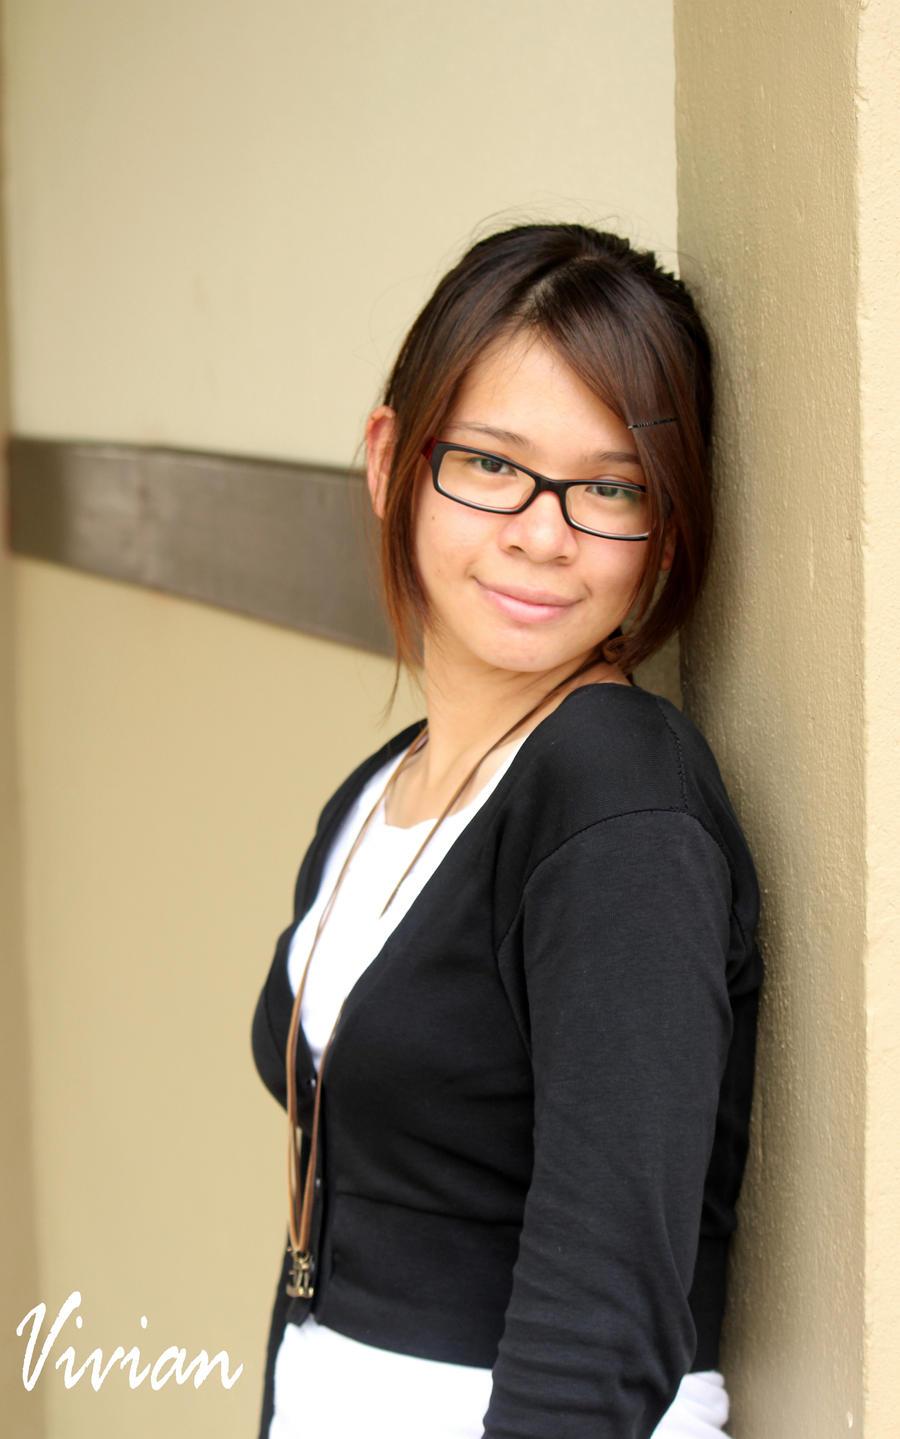 lurve-vivian's Profile Picture